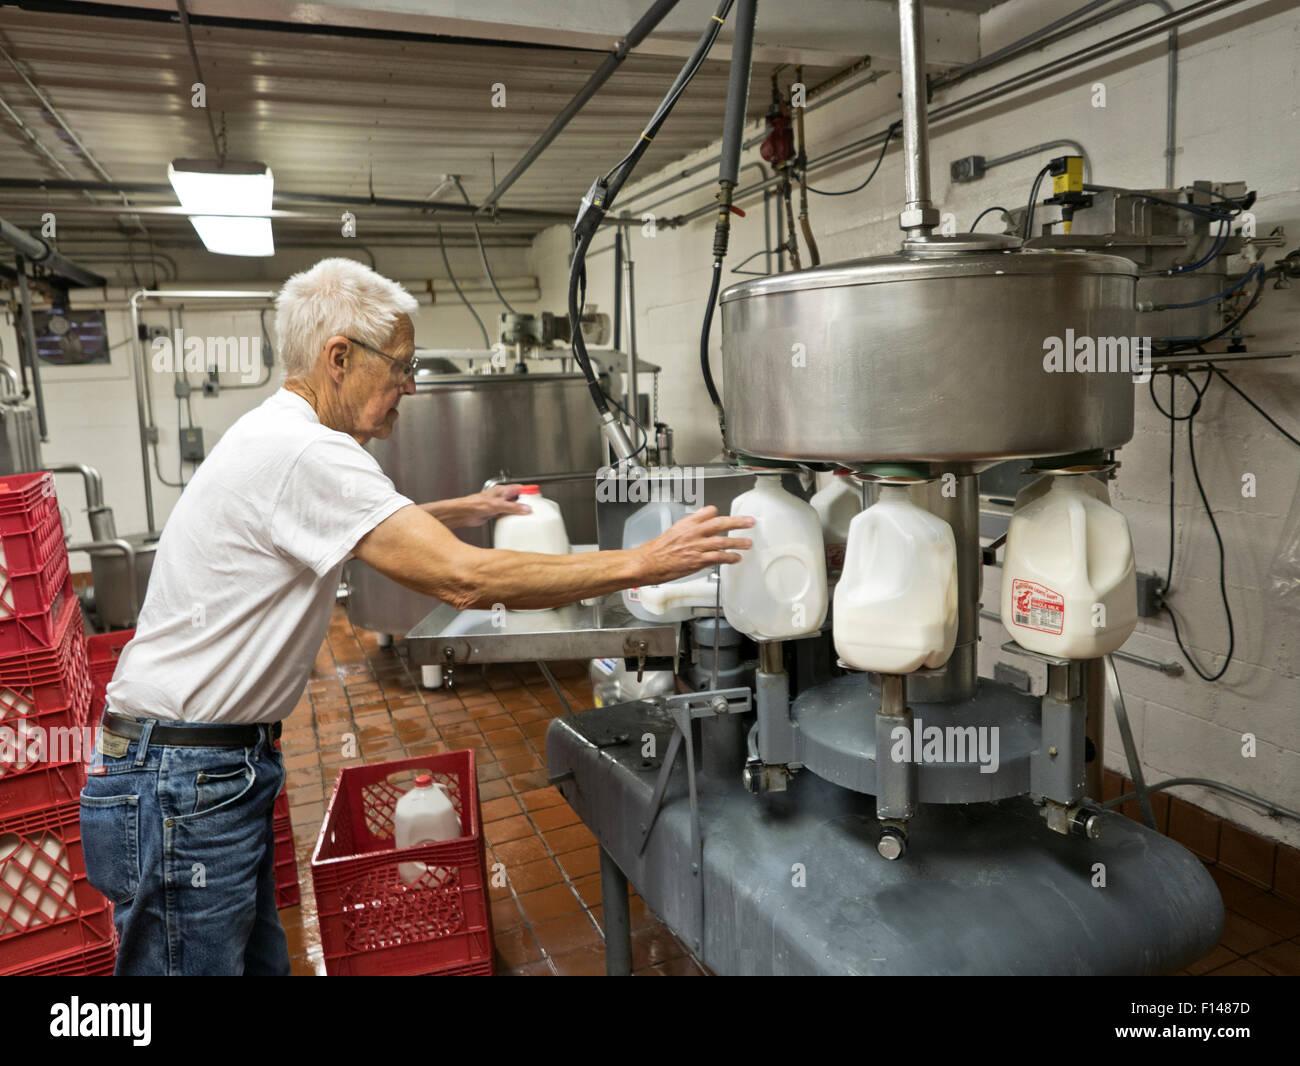 Operatore di caseificio il riempimento di un gallone di bottiglie, latte pastorizzato il latte omogeneizzato. Immagini Stock